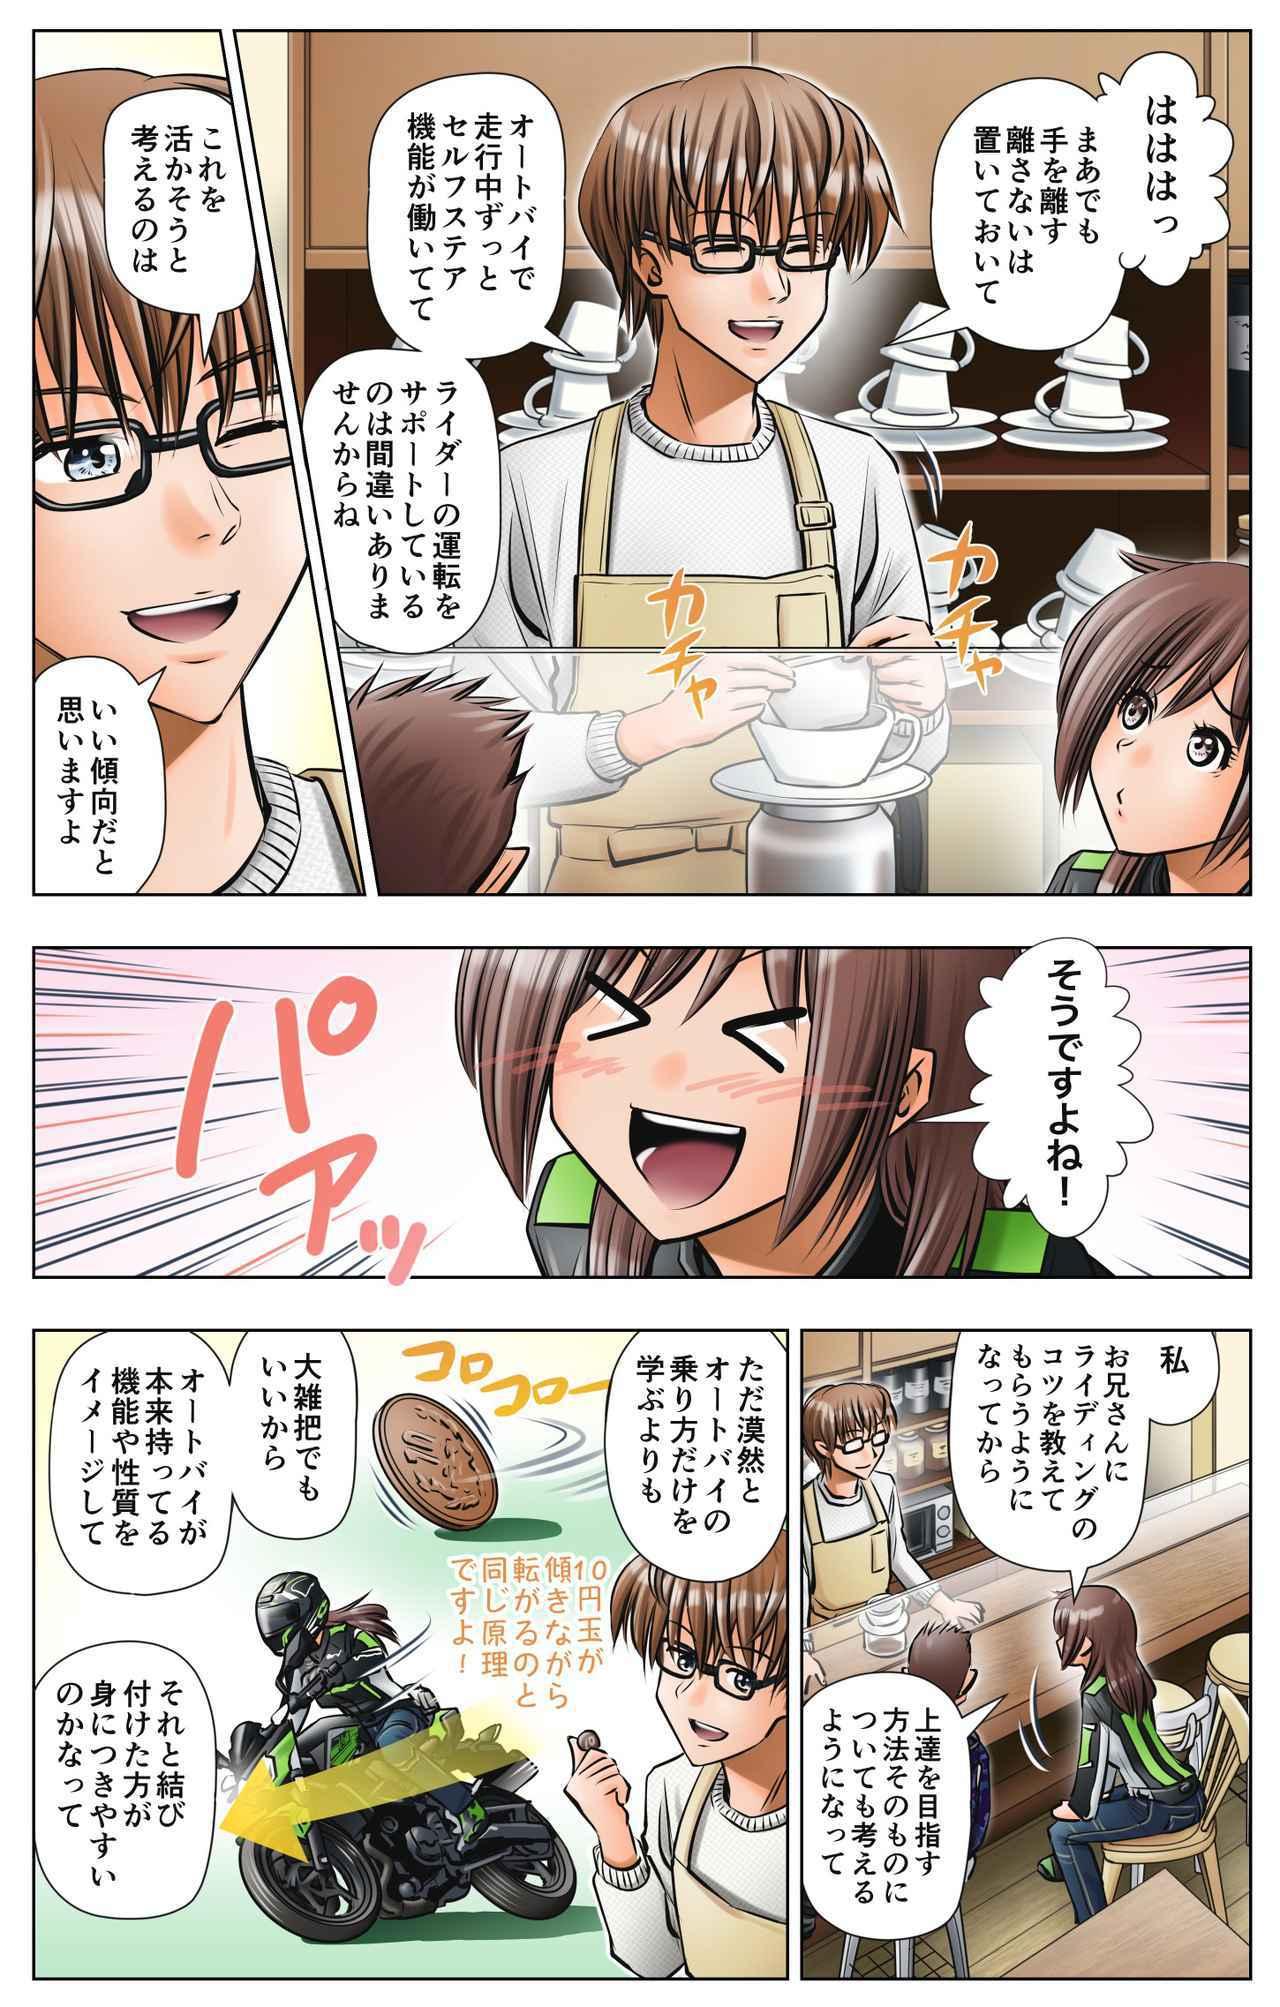 画像2: 第7話 スピードとバンク角/ゆる~くライテク談義『モトシーカーズ・カフェへようこそ!』